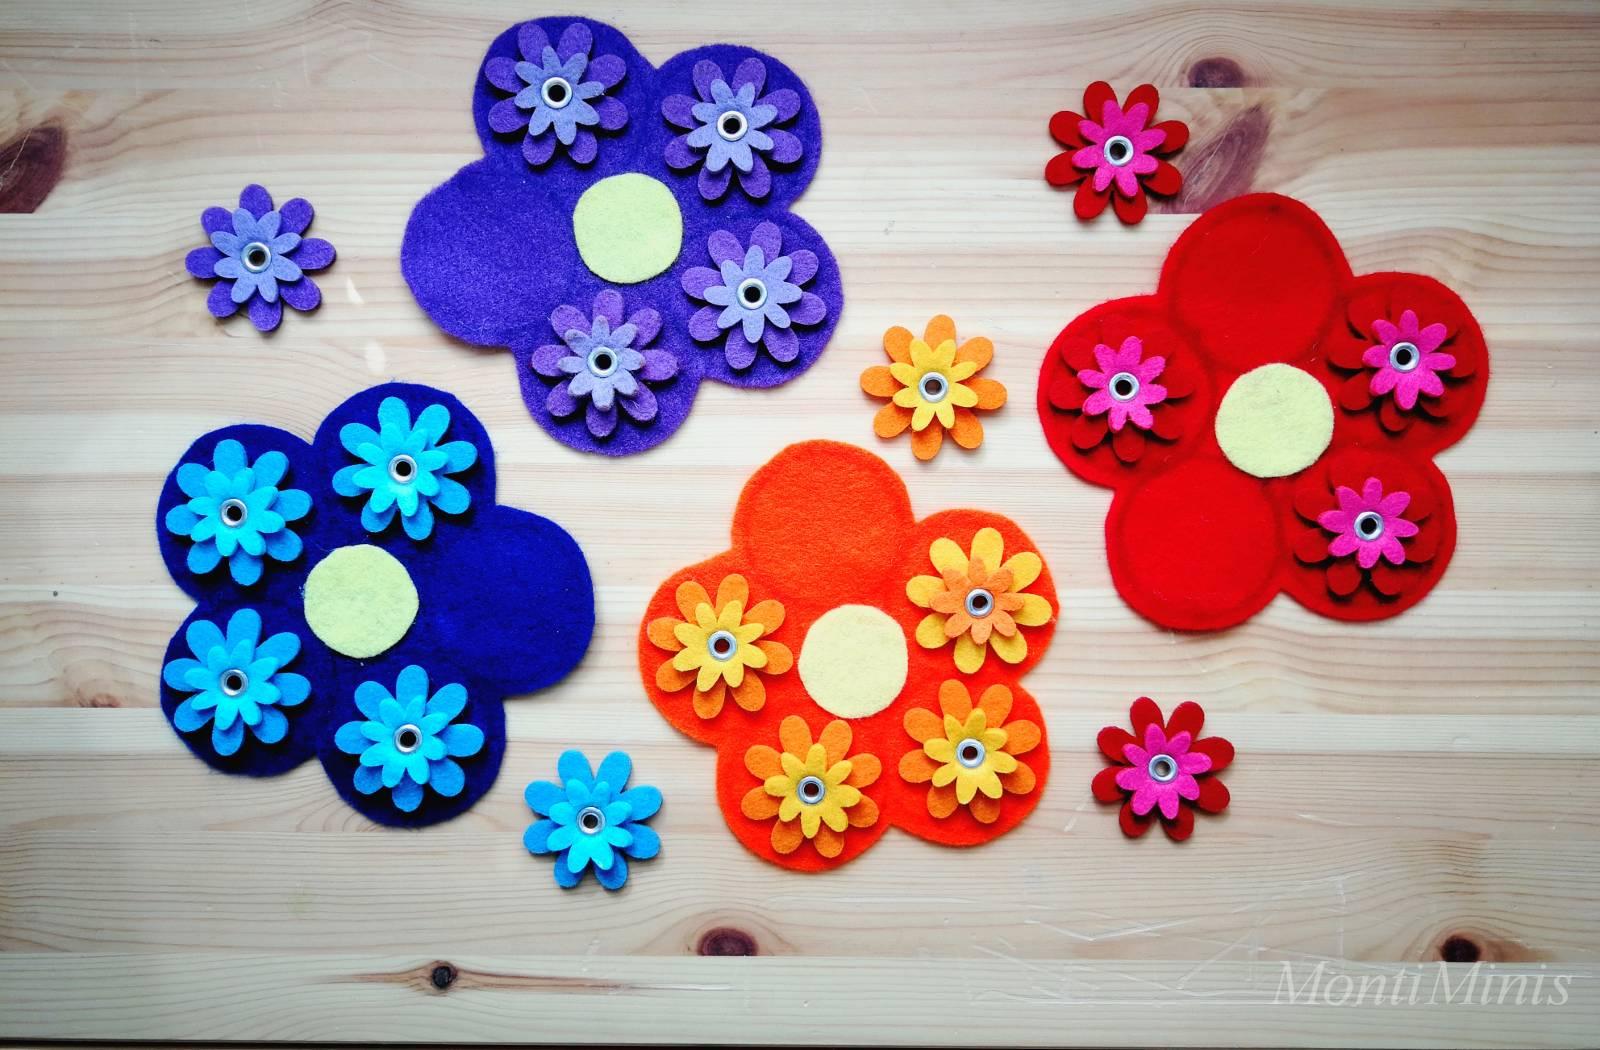 DIY-Farbspiel: Blumen finden und sortieren - MontiMinis